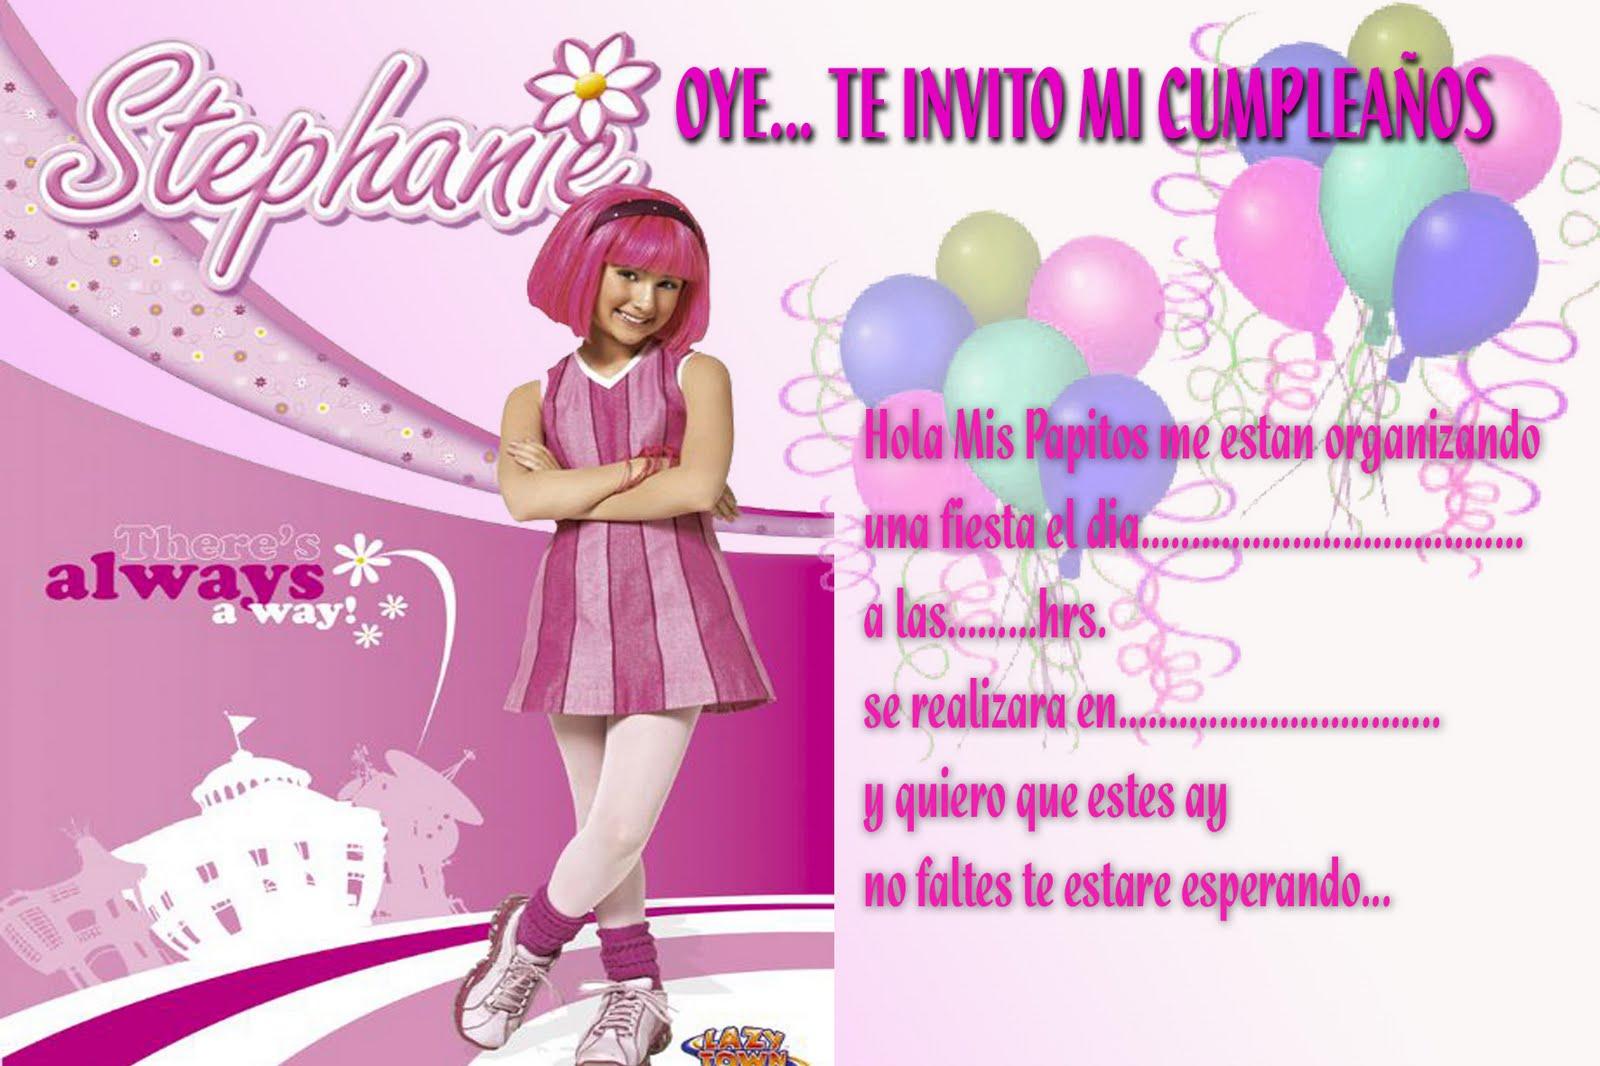 Cartas de cumpleaños para imprimir gratis para niñas de 12 años ...